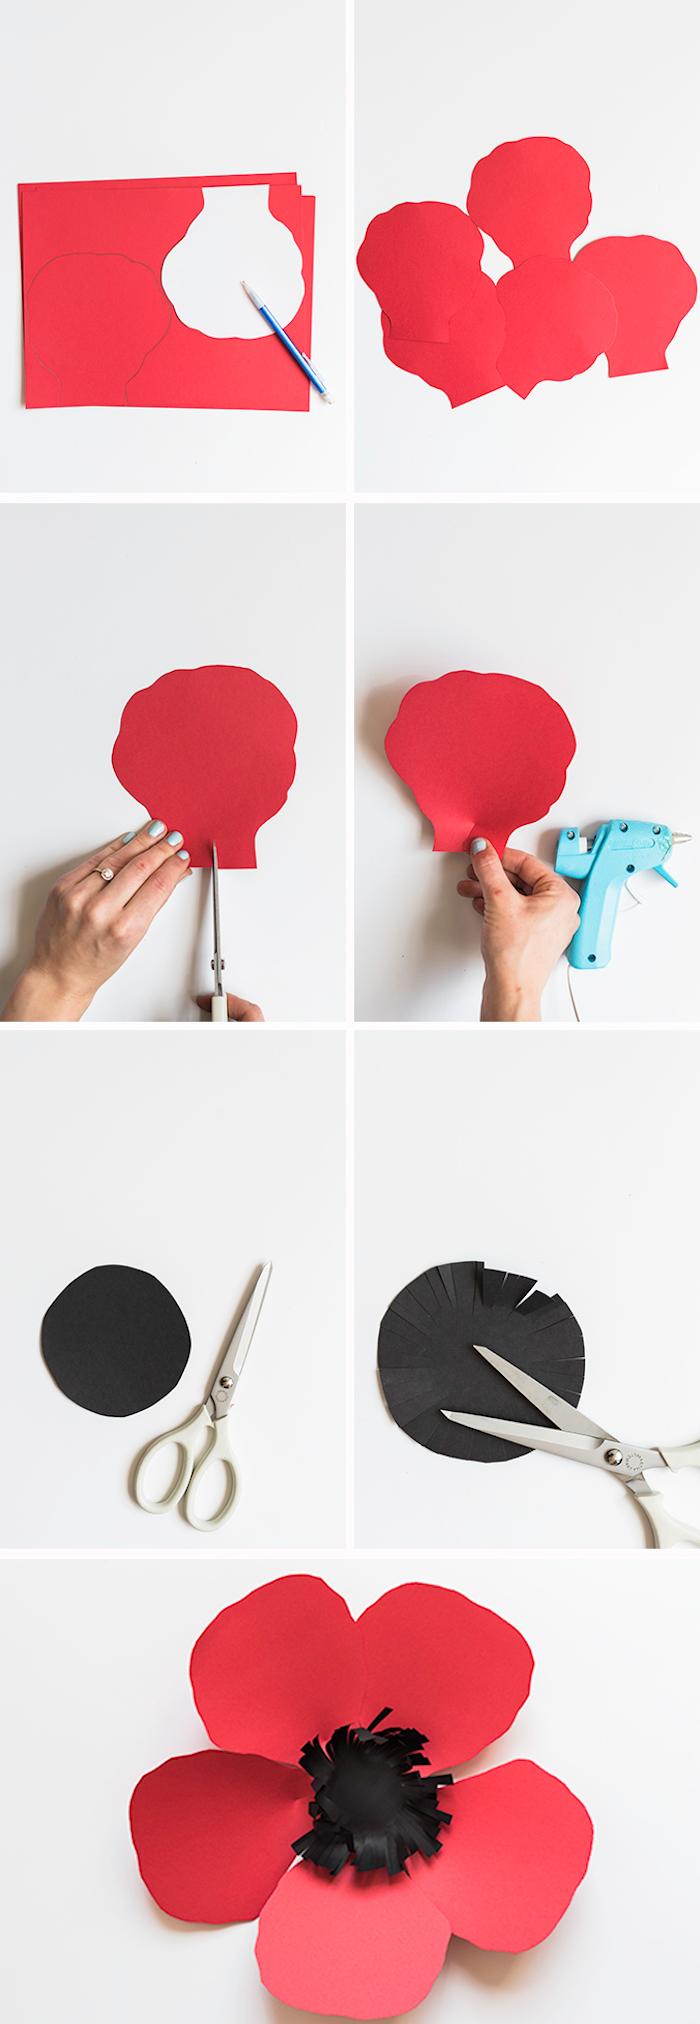 Mohn aus rotem und schwarzem Tonkarton selber basteln, DIY Anleitung in sechs Schritten für Papierblumen